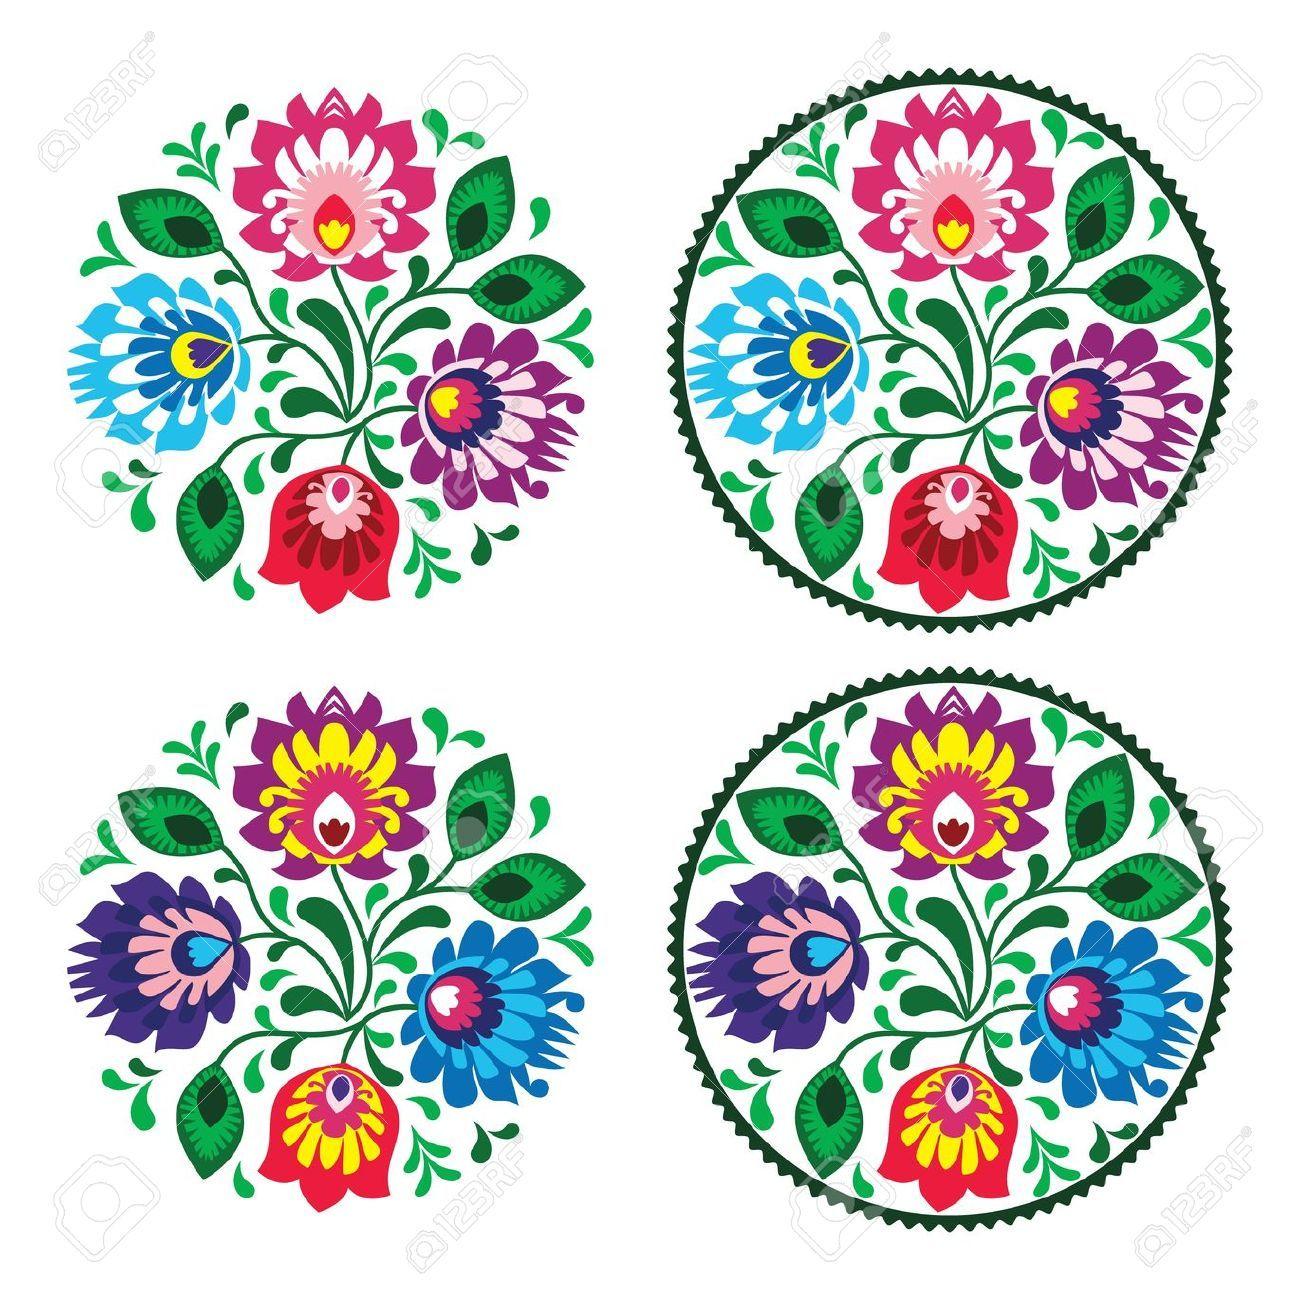 Bordado Ronda Ethnic Con Flores - Patrón Tradicional Vendimia De ...